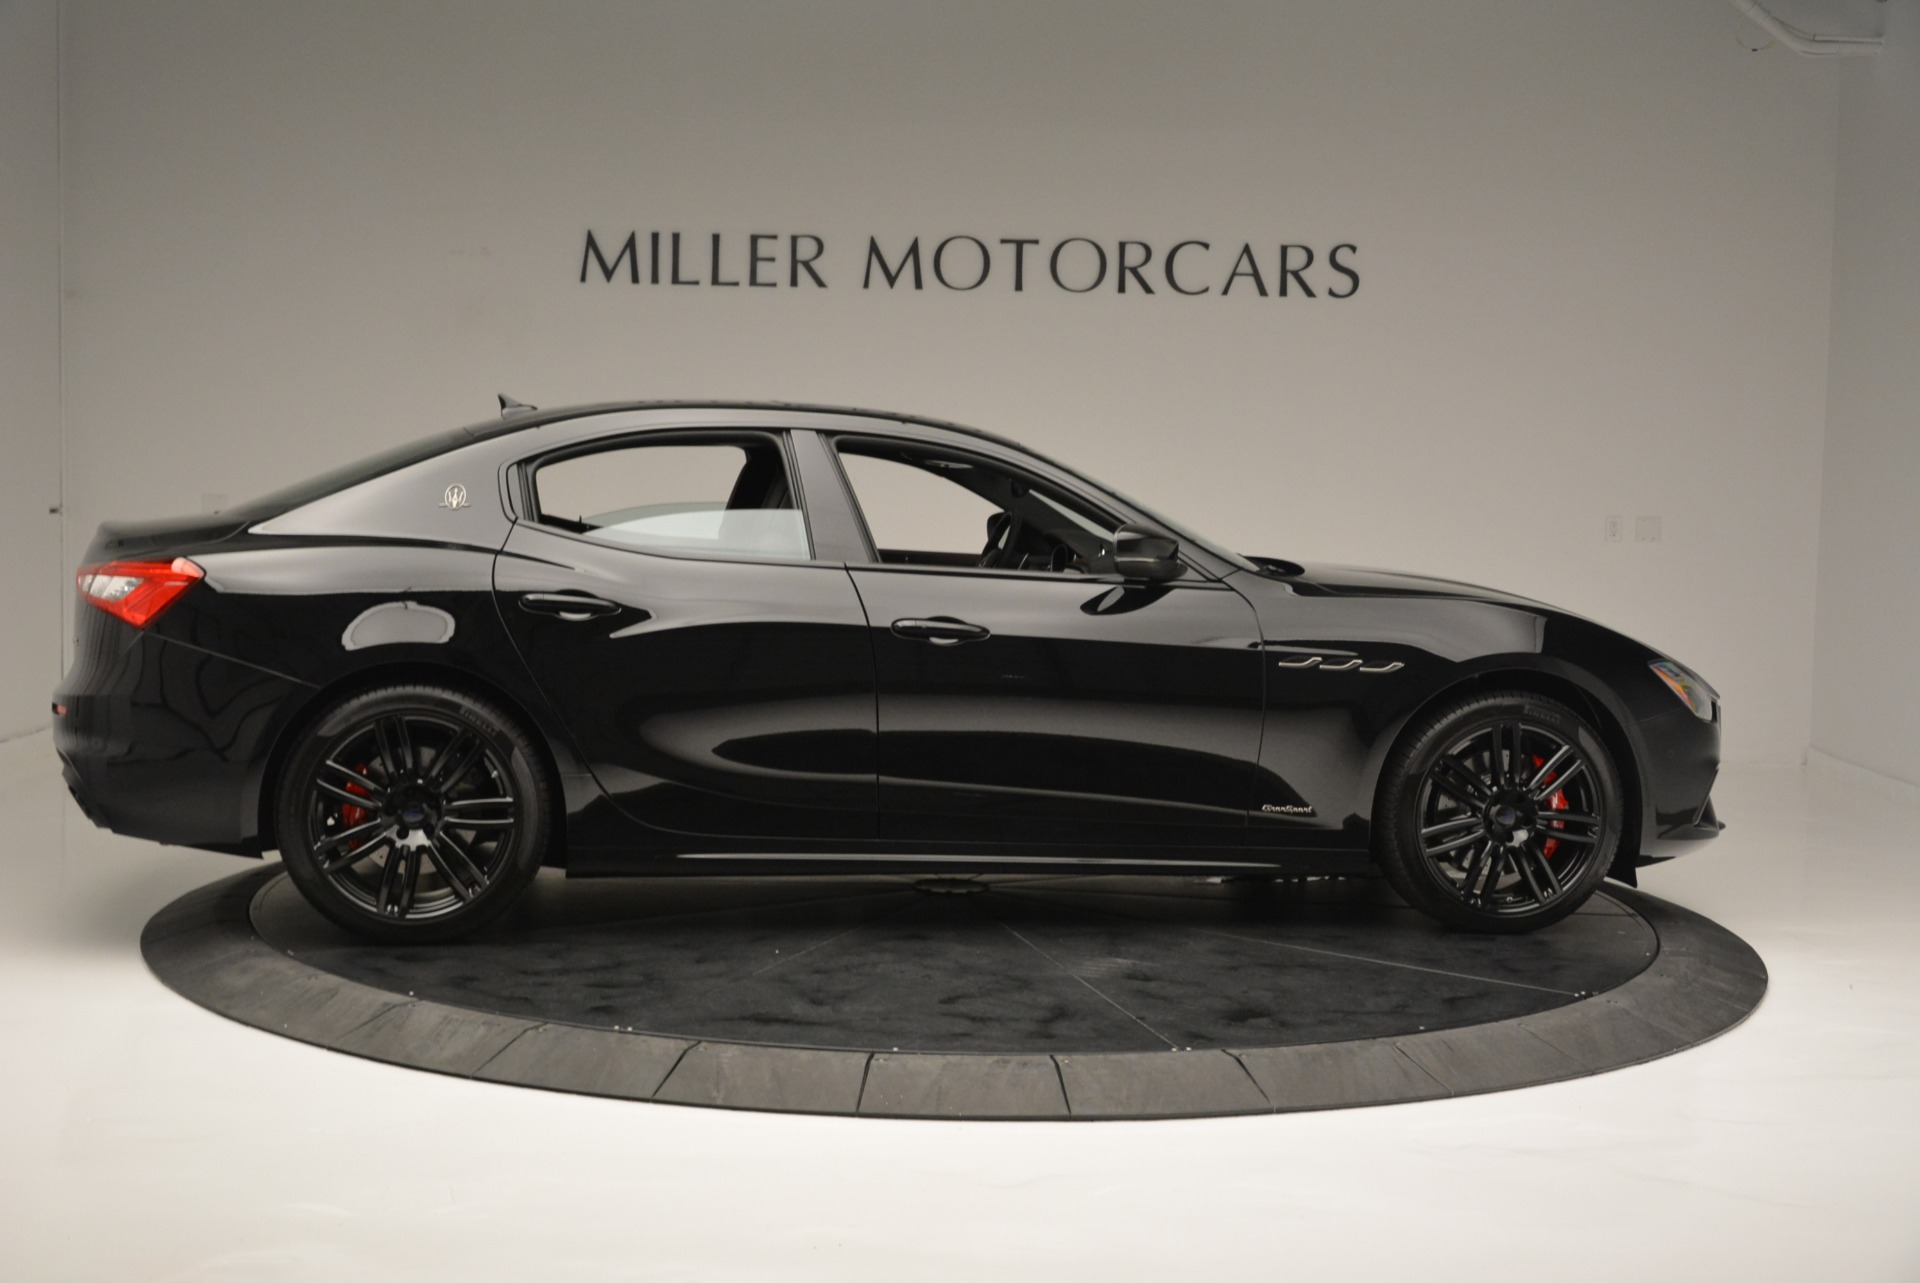 New 2018 Maserati Ghibli SQ4 GranSport Nerissimo For Sale In Greenwich, CT 2366_p9